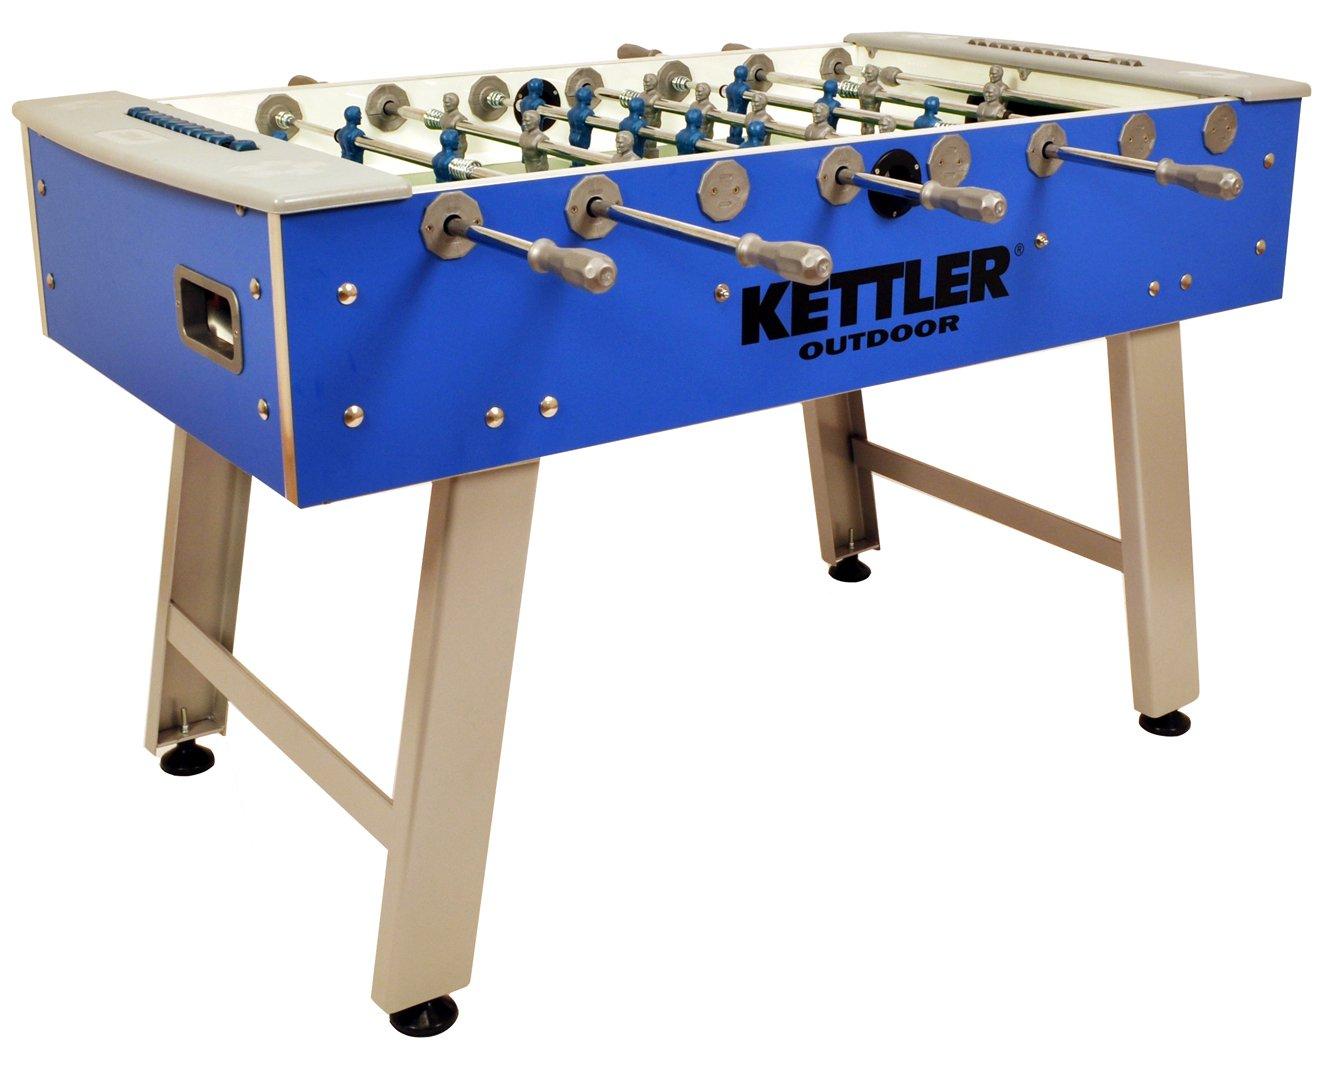 Kettler Weatherproof Indoor/Outdoor Foosball/Soccer Game Table by Kettler